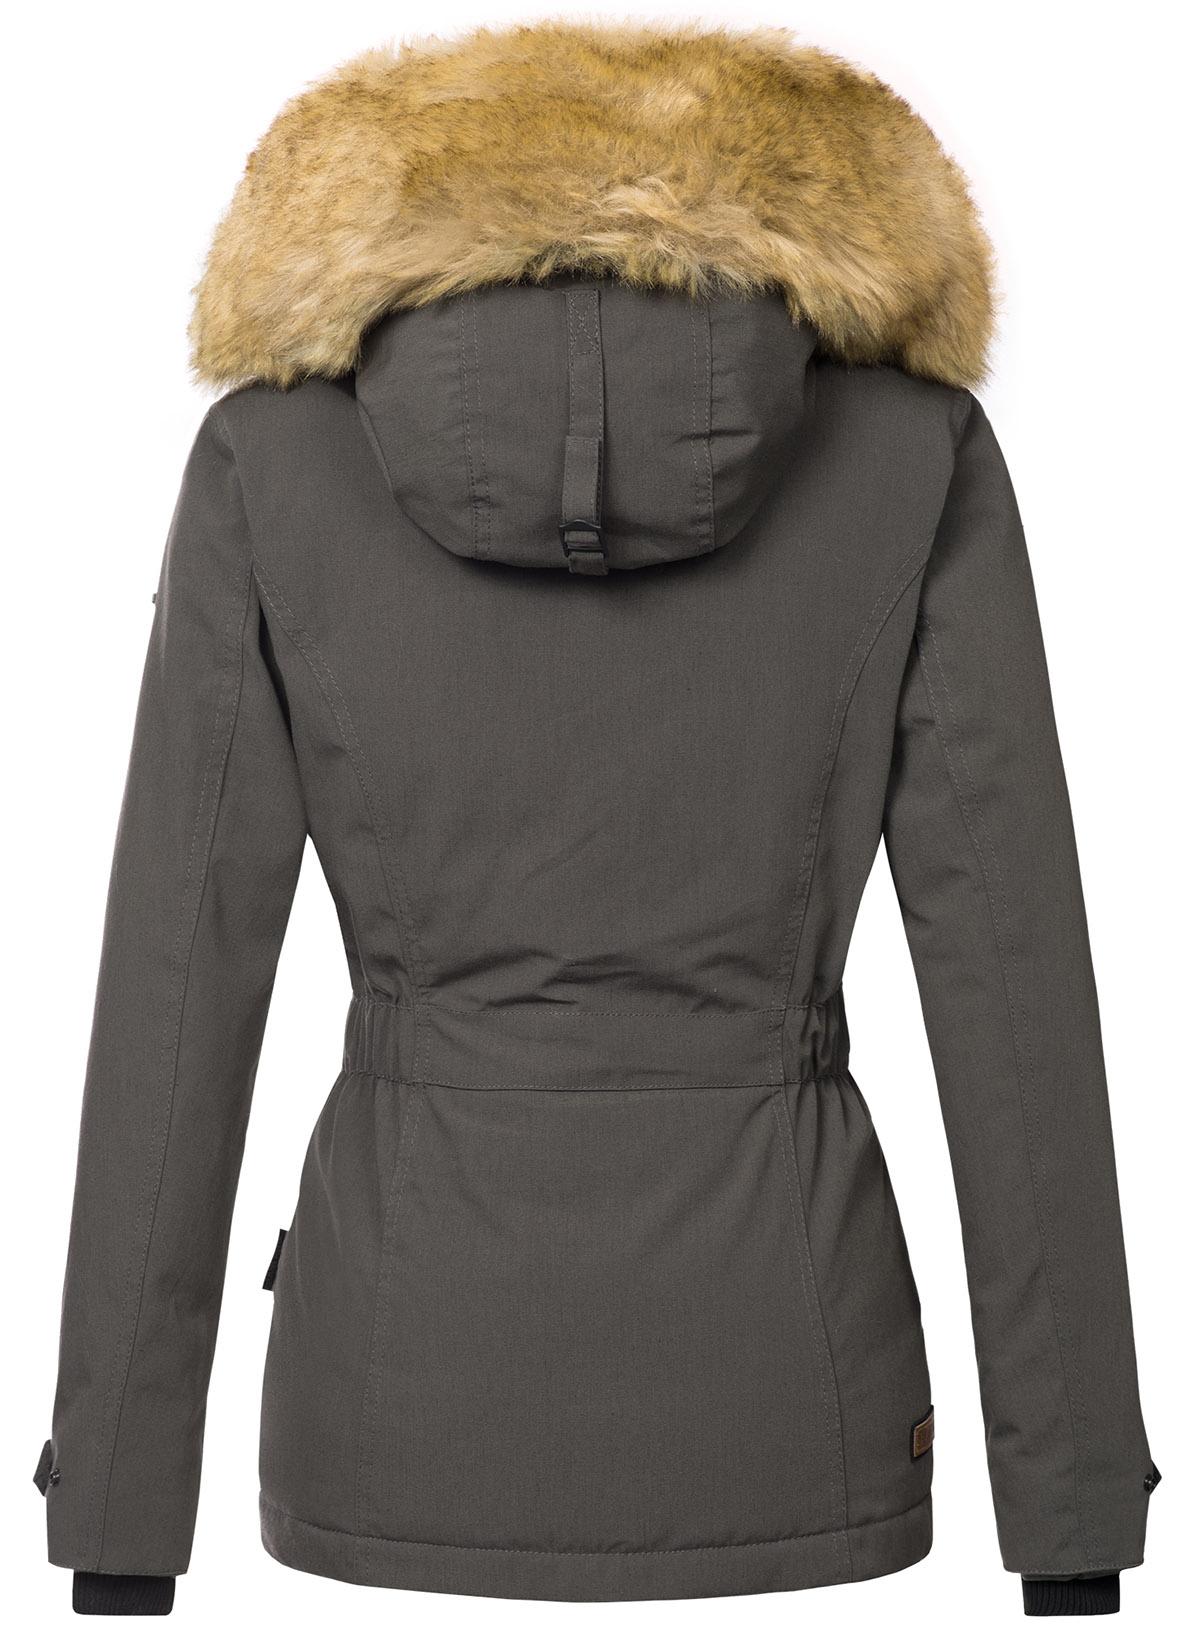 Dettagli su Navahoo Calde Donna Invernale Giacca Giacca Invernale Parka Cappotto Laura 2 PELO SINTETICO b392 mostra il titolo originale